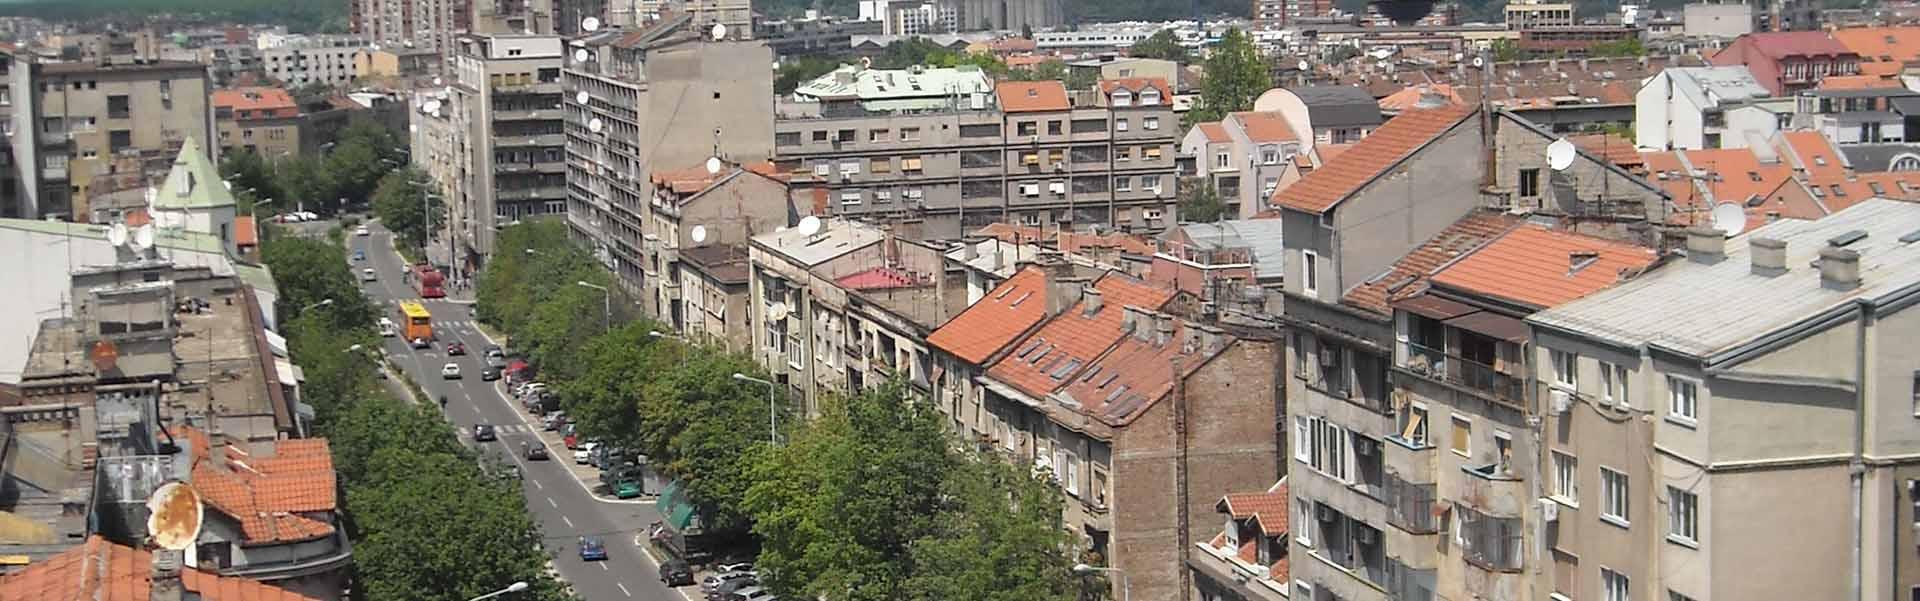 Dostava hrane Cvijićeva | Beograd